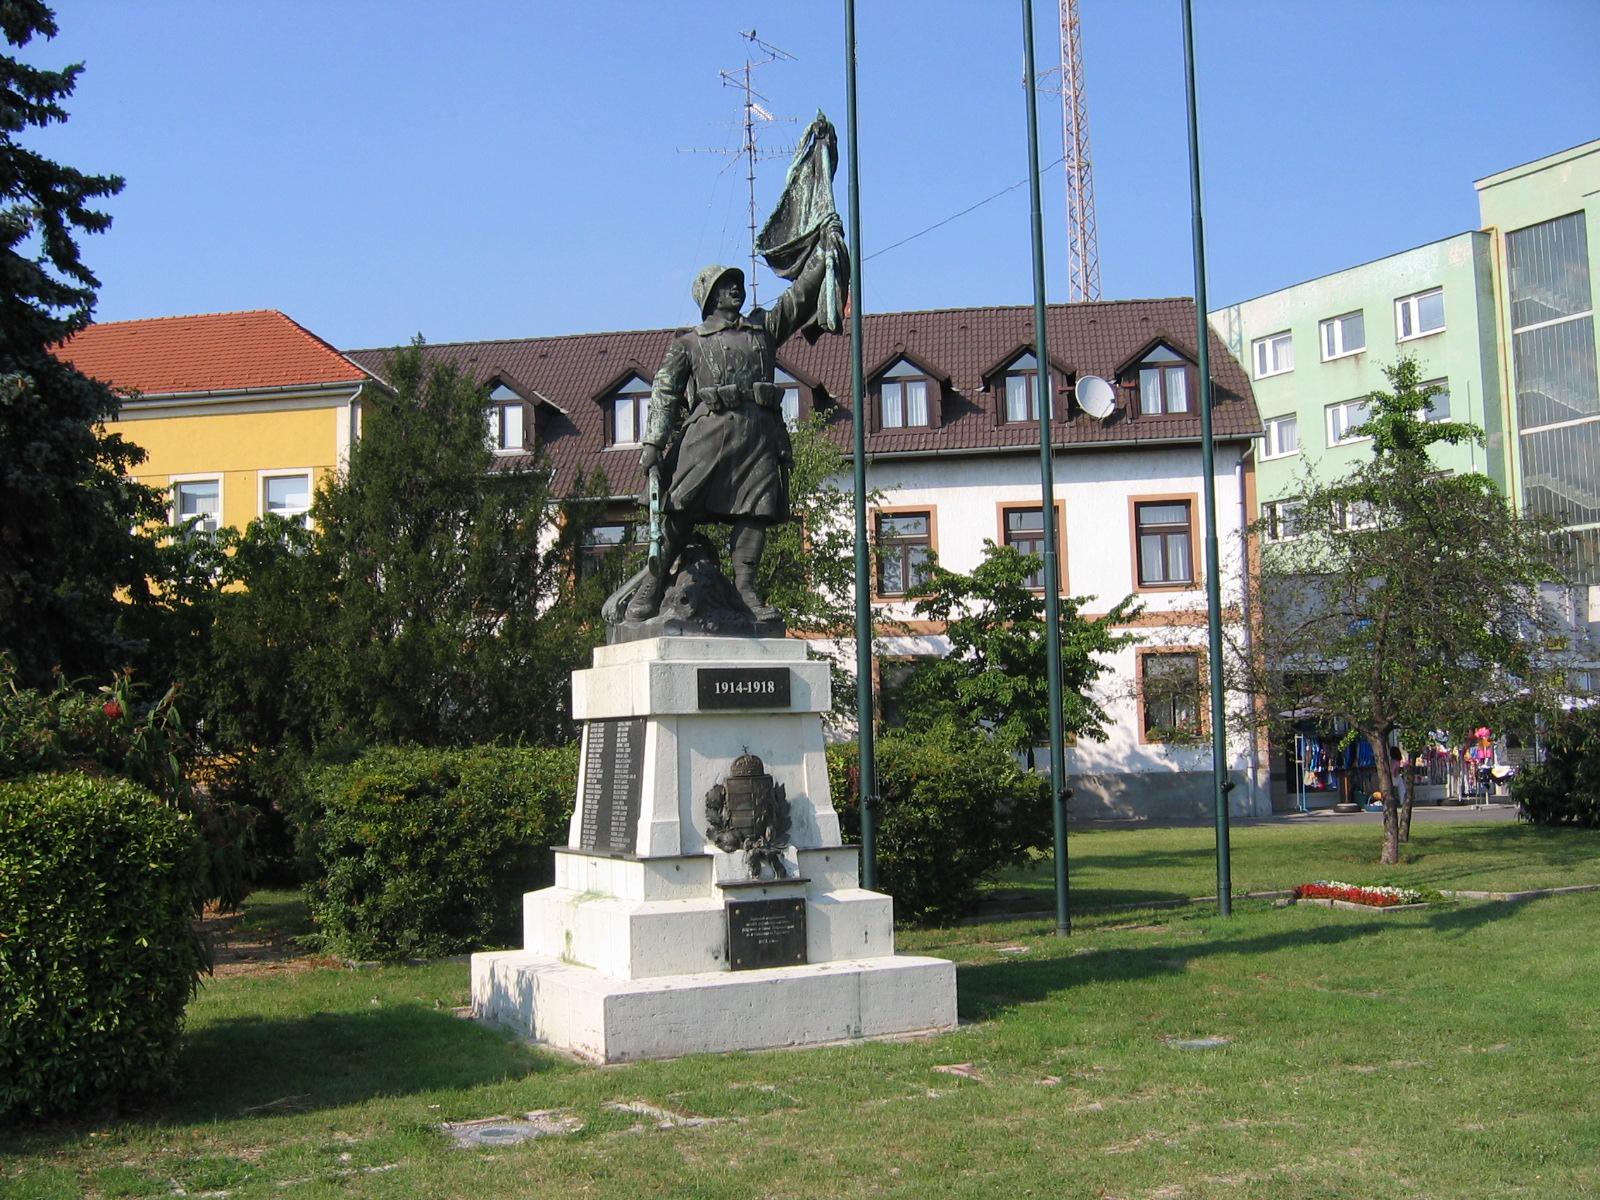 Denkmal zum ersten Weltkrieg